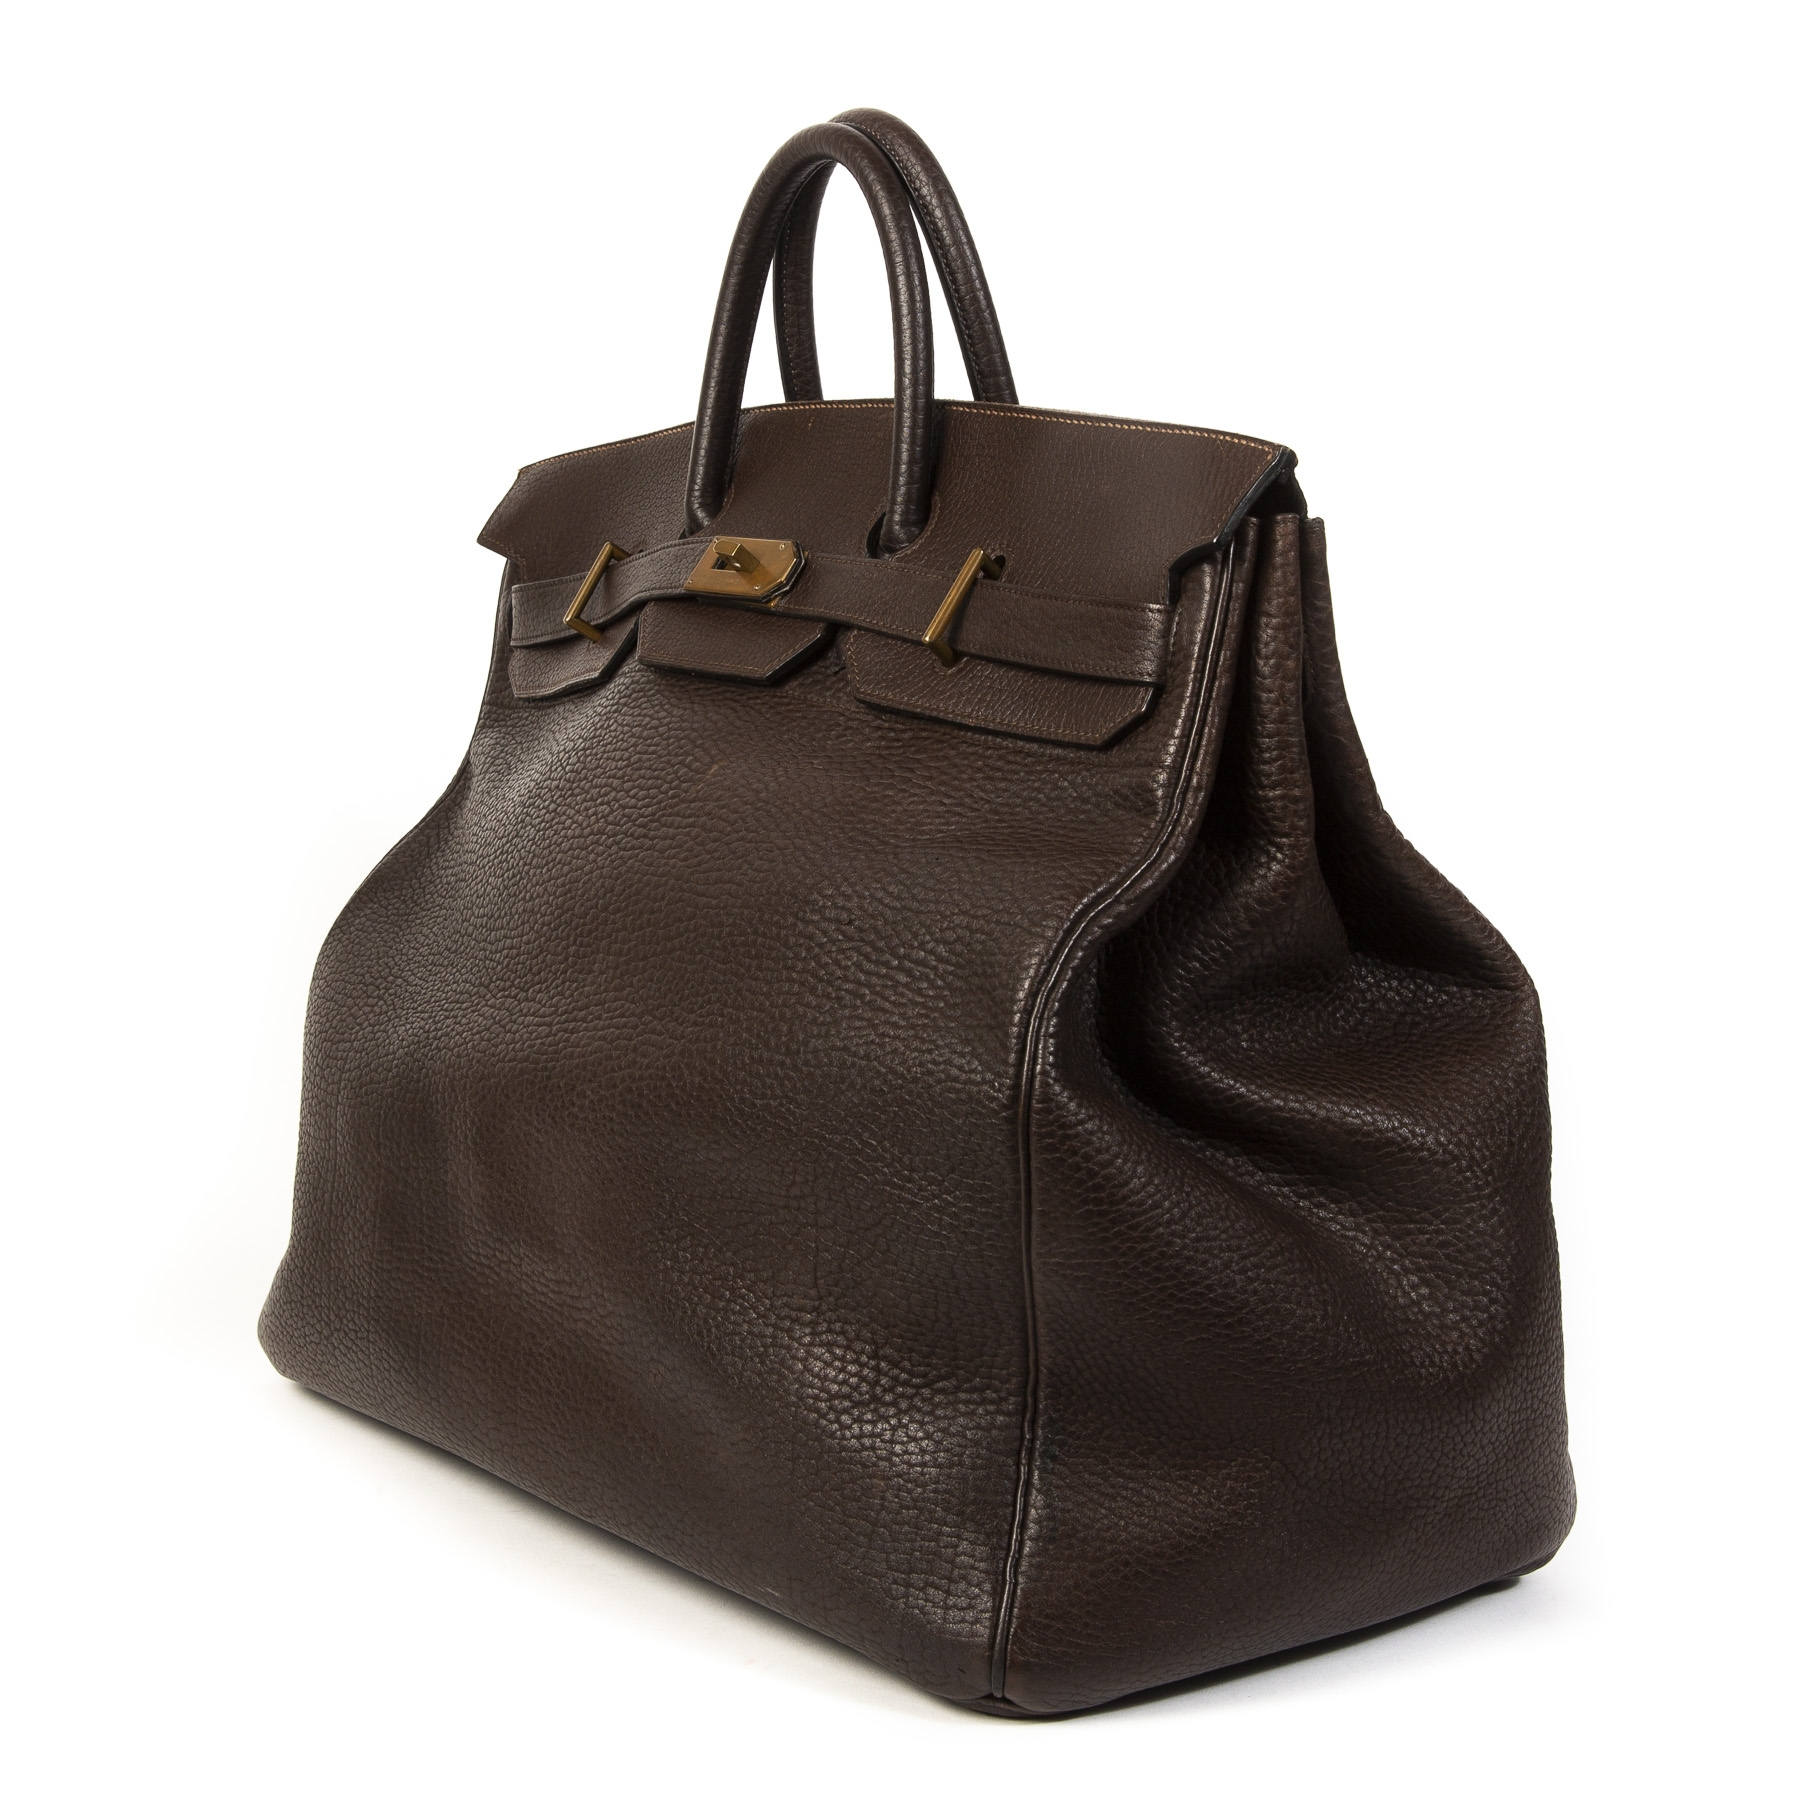 koop veilig online tegen de beste prijs Hermès Birkin HAC 55 Dark Brown